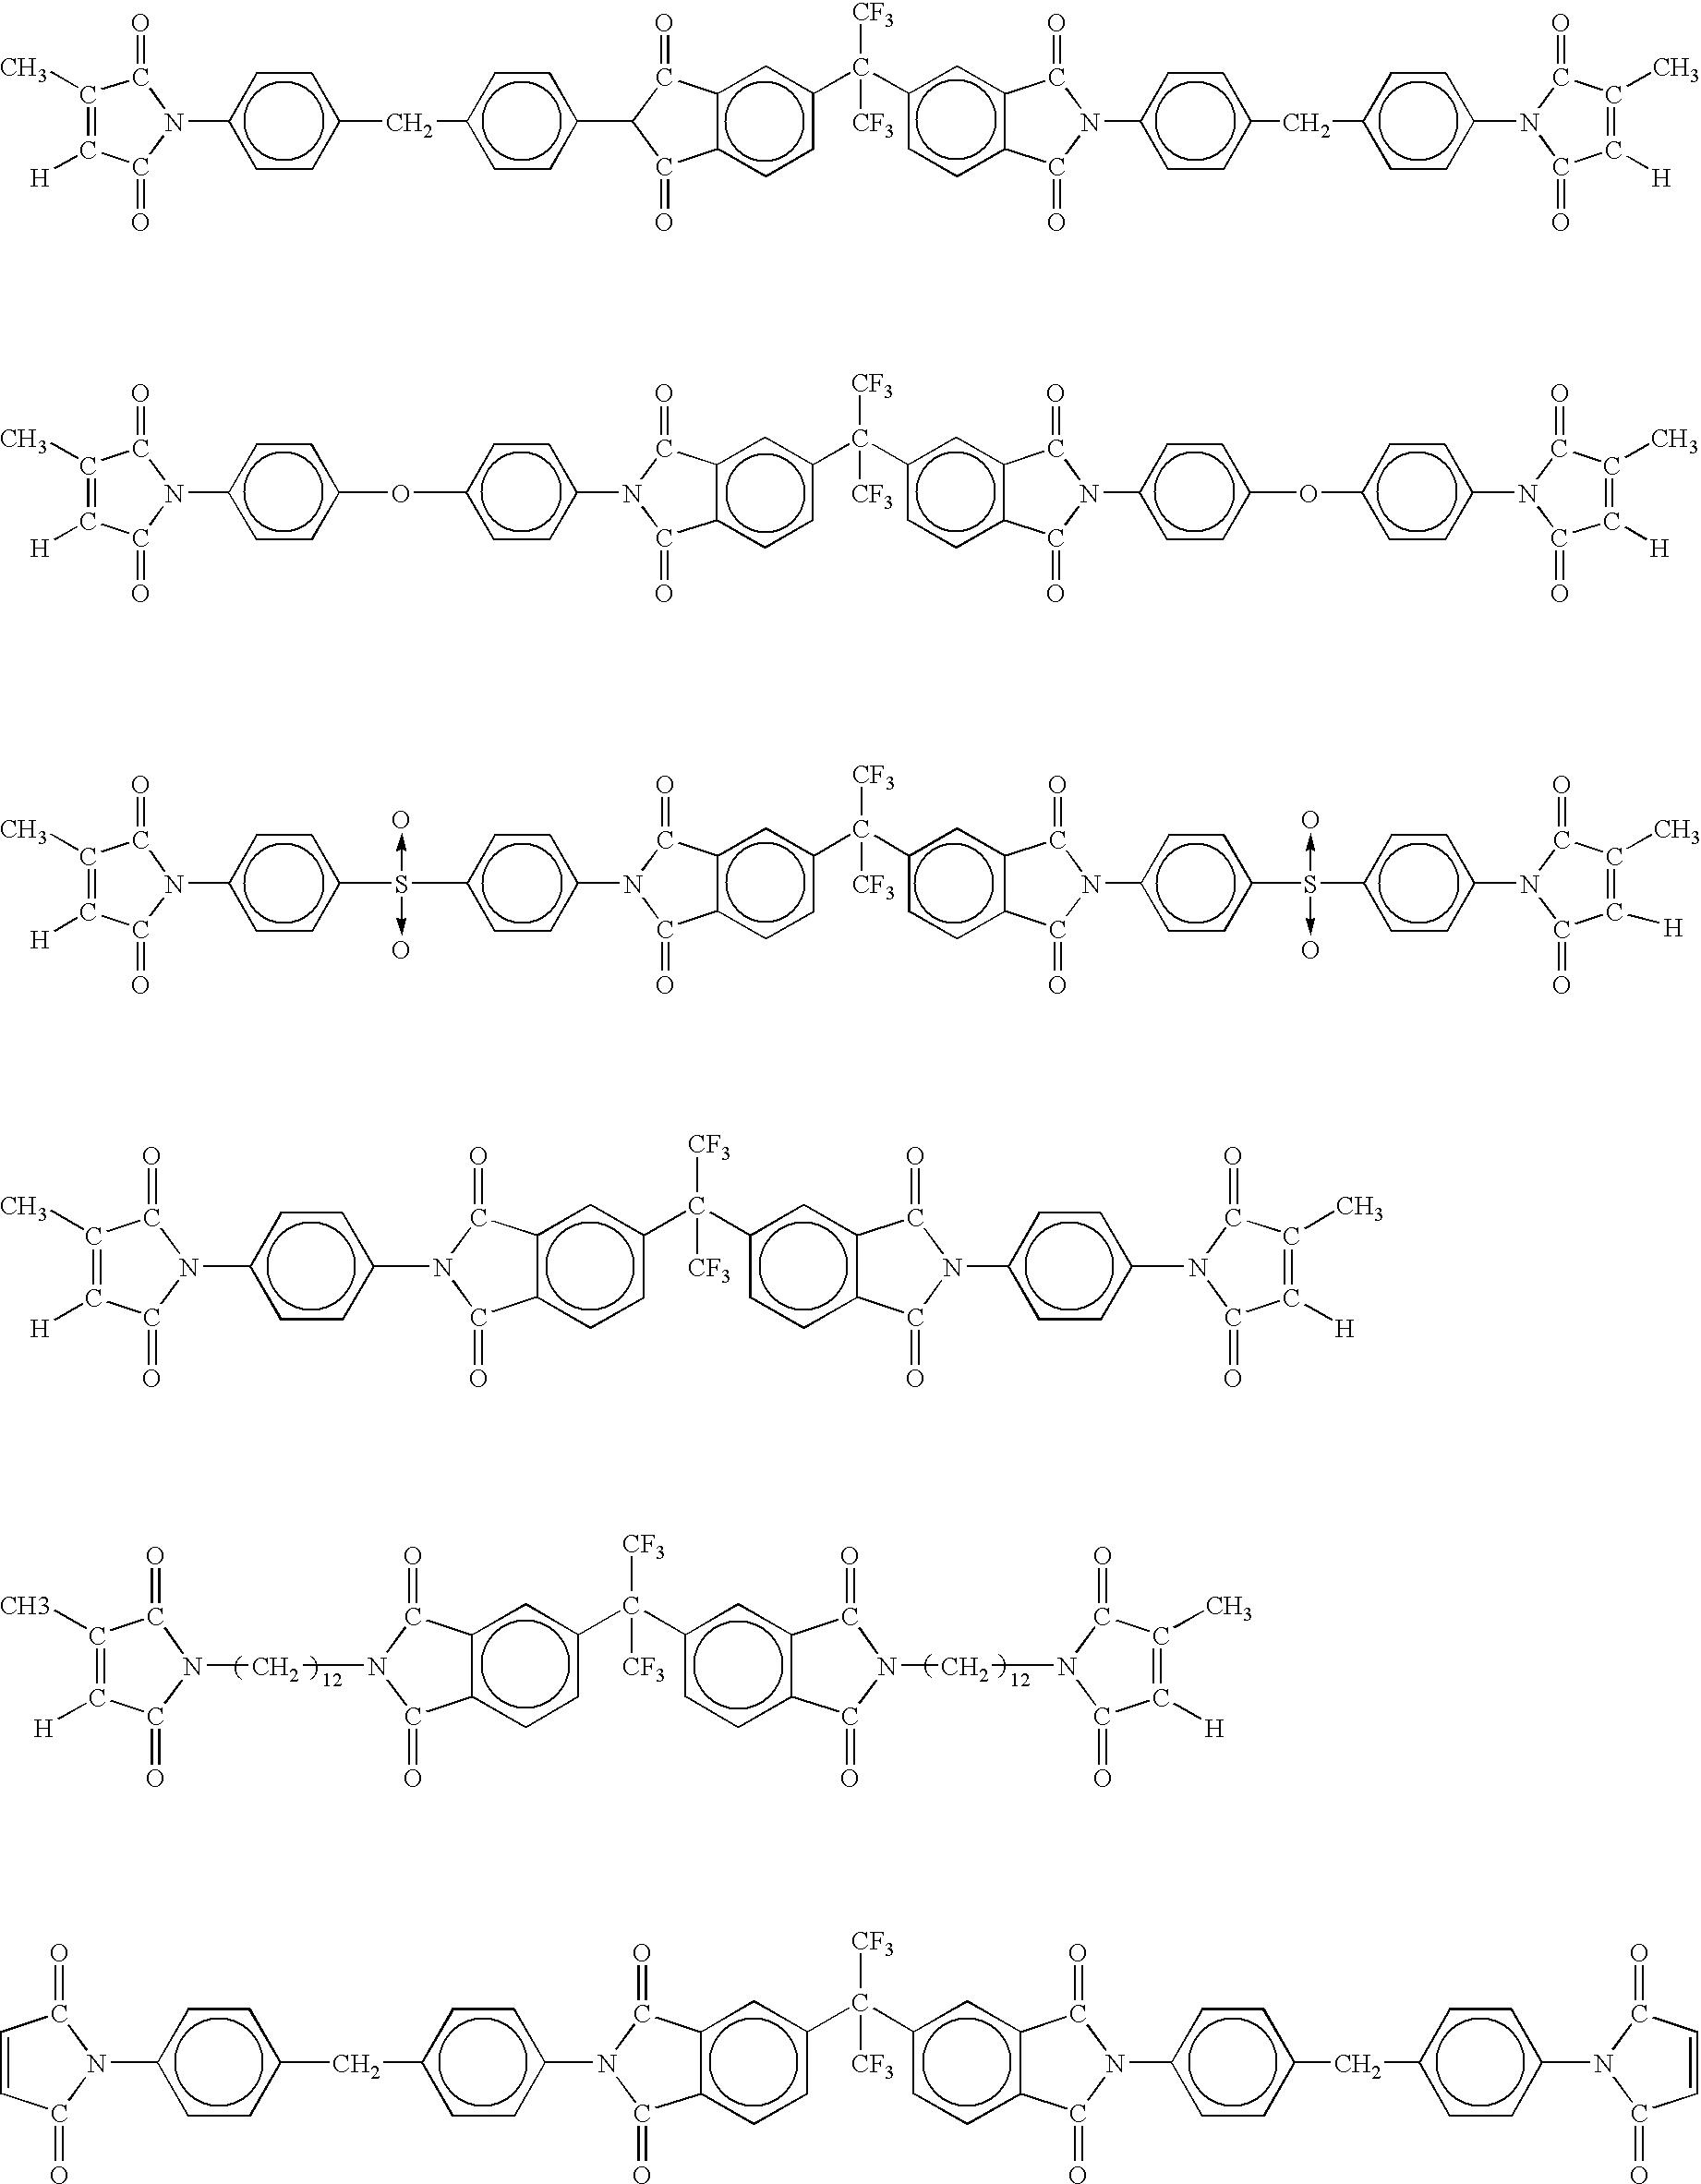 Figure US20080300360A1-20081204-C00006